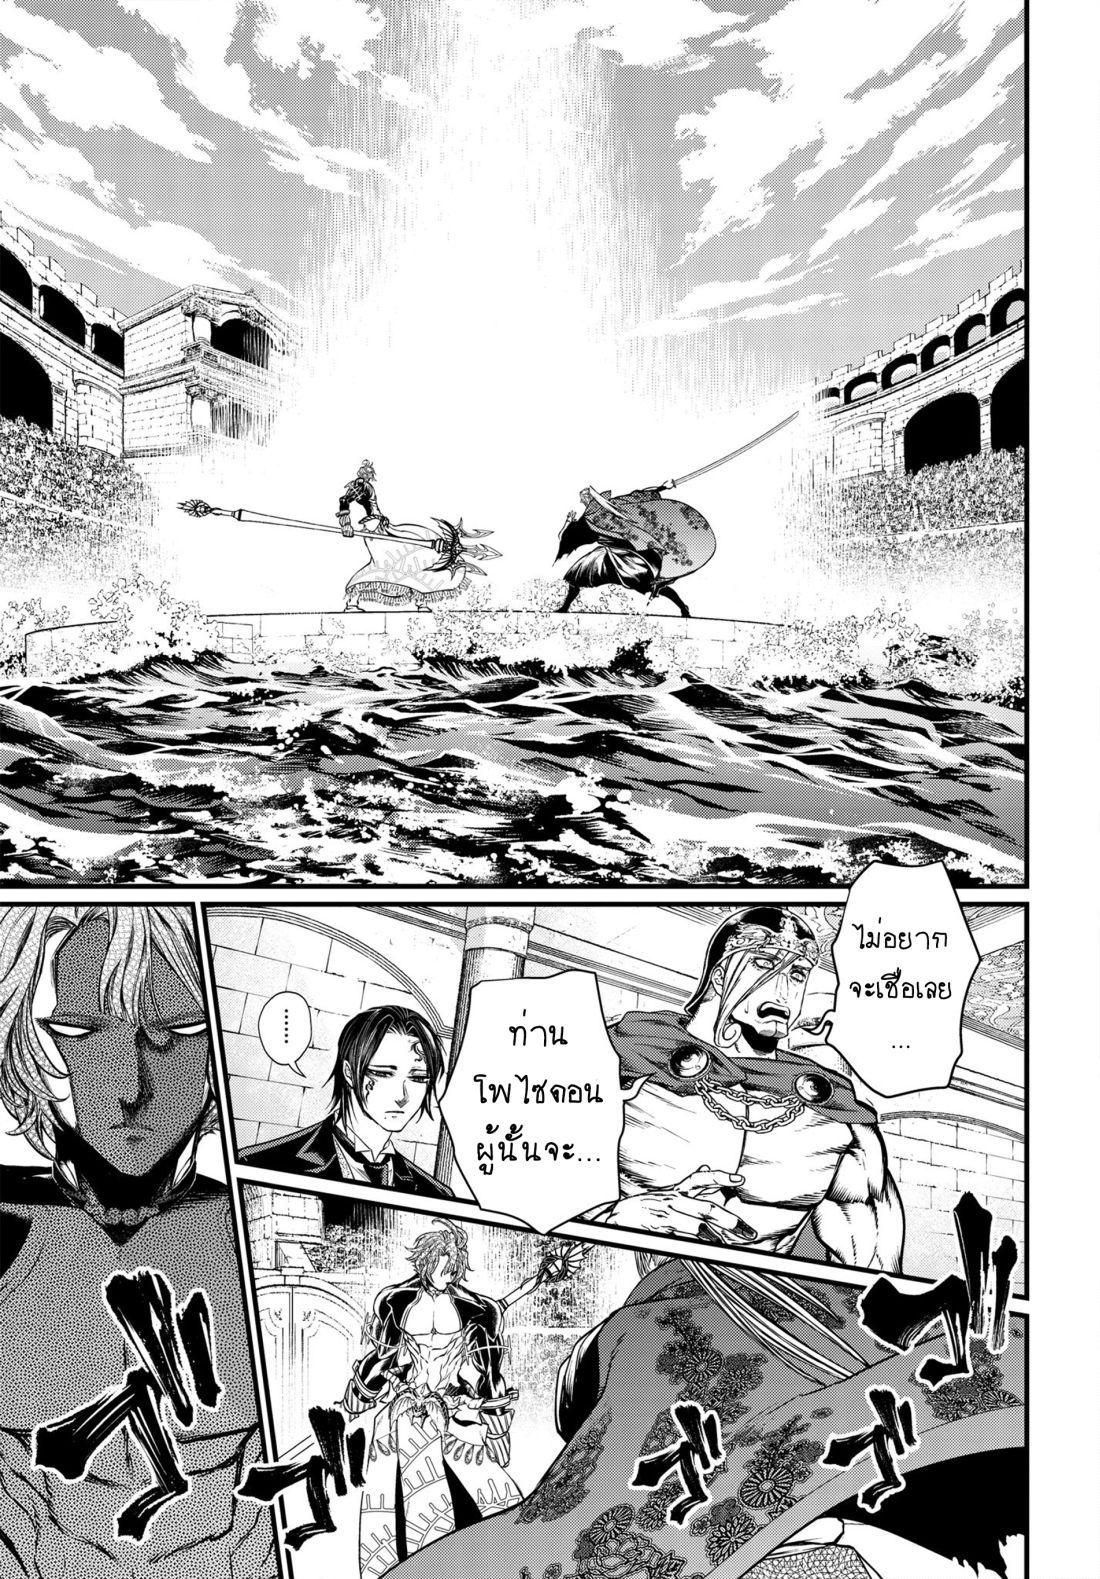 อ่านการ์ตูน Shuumatsu no Walkure ตอนที่ 17 หน้าที่ 16